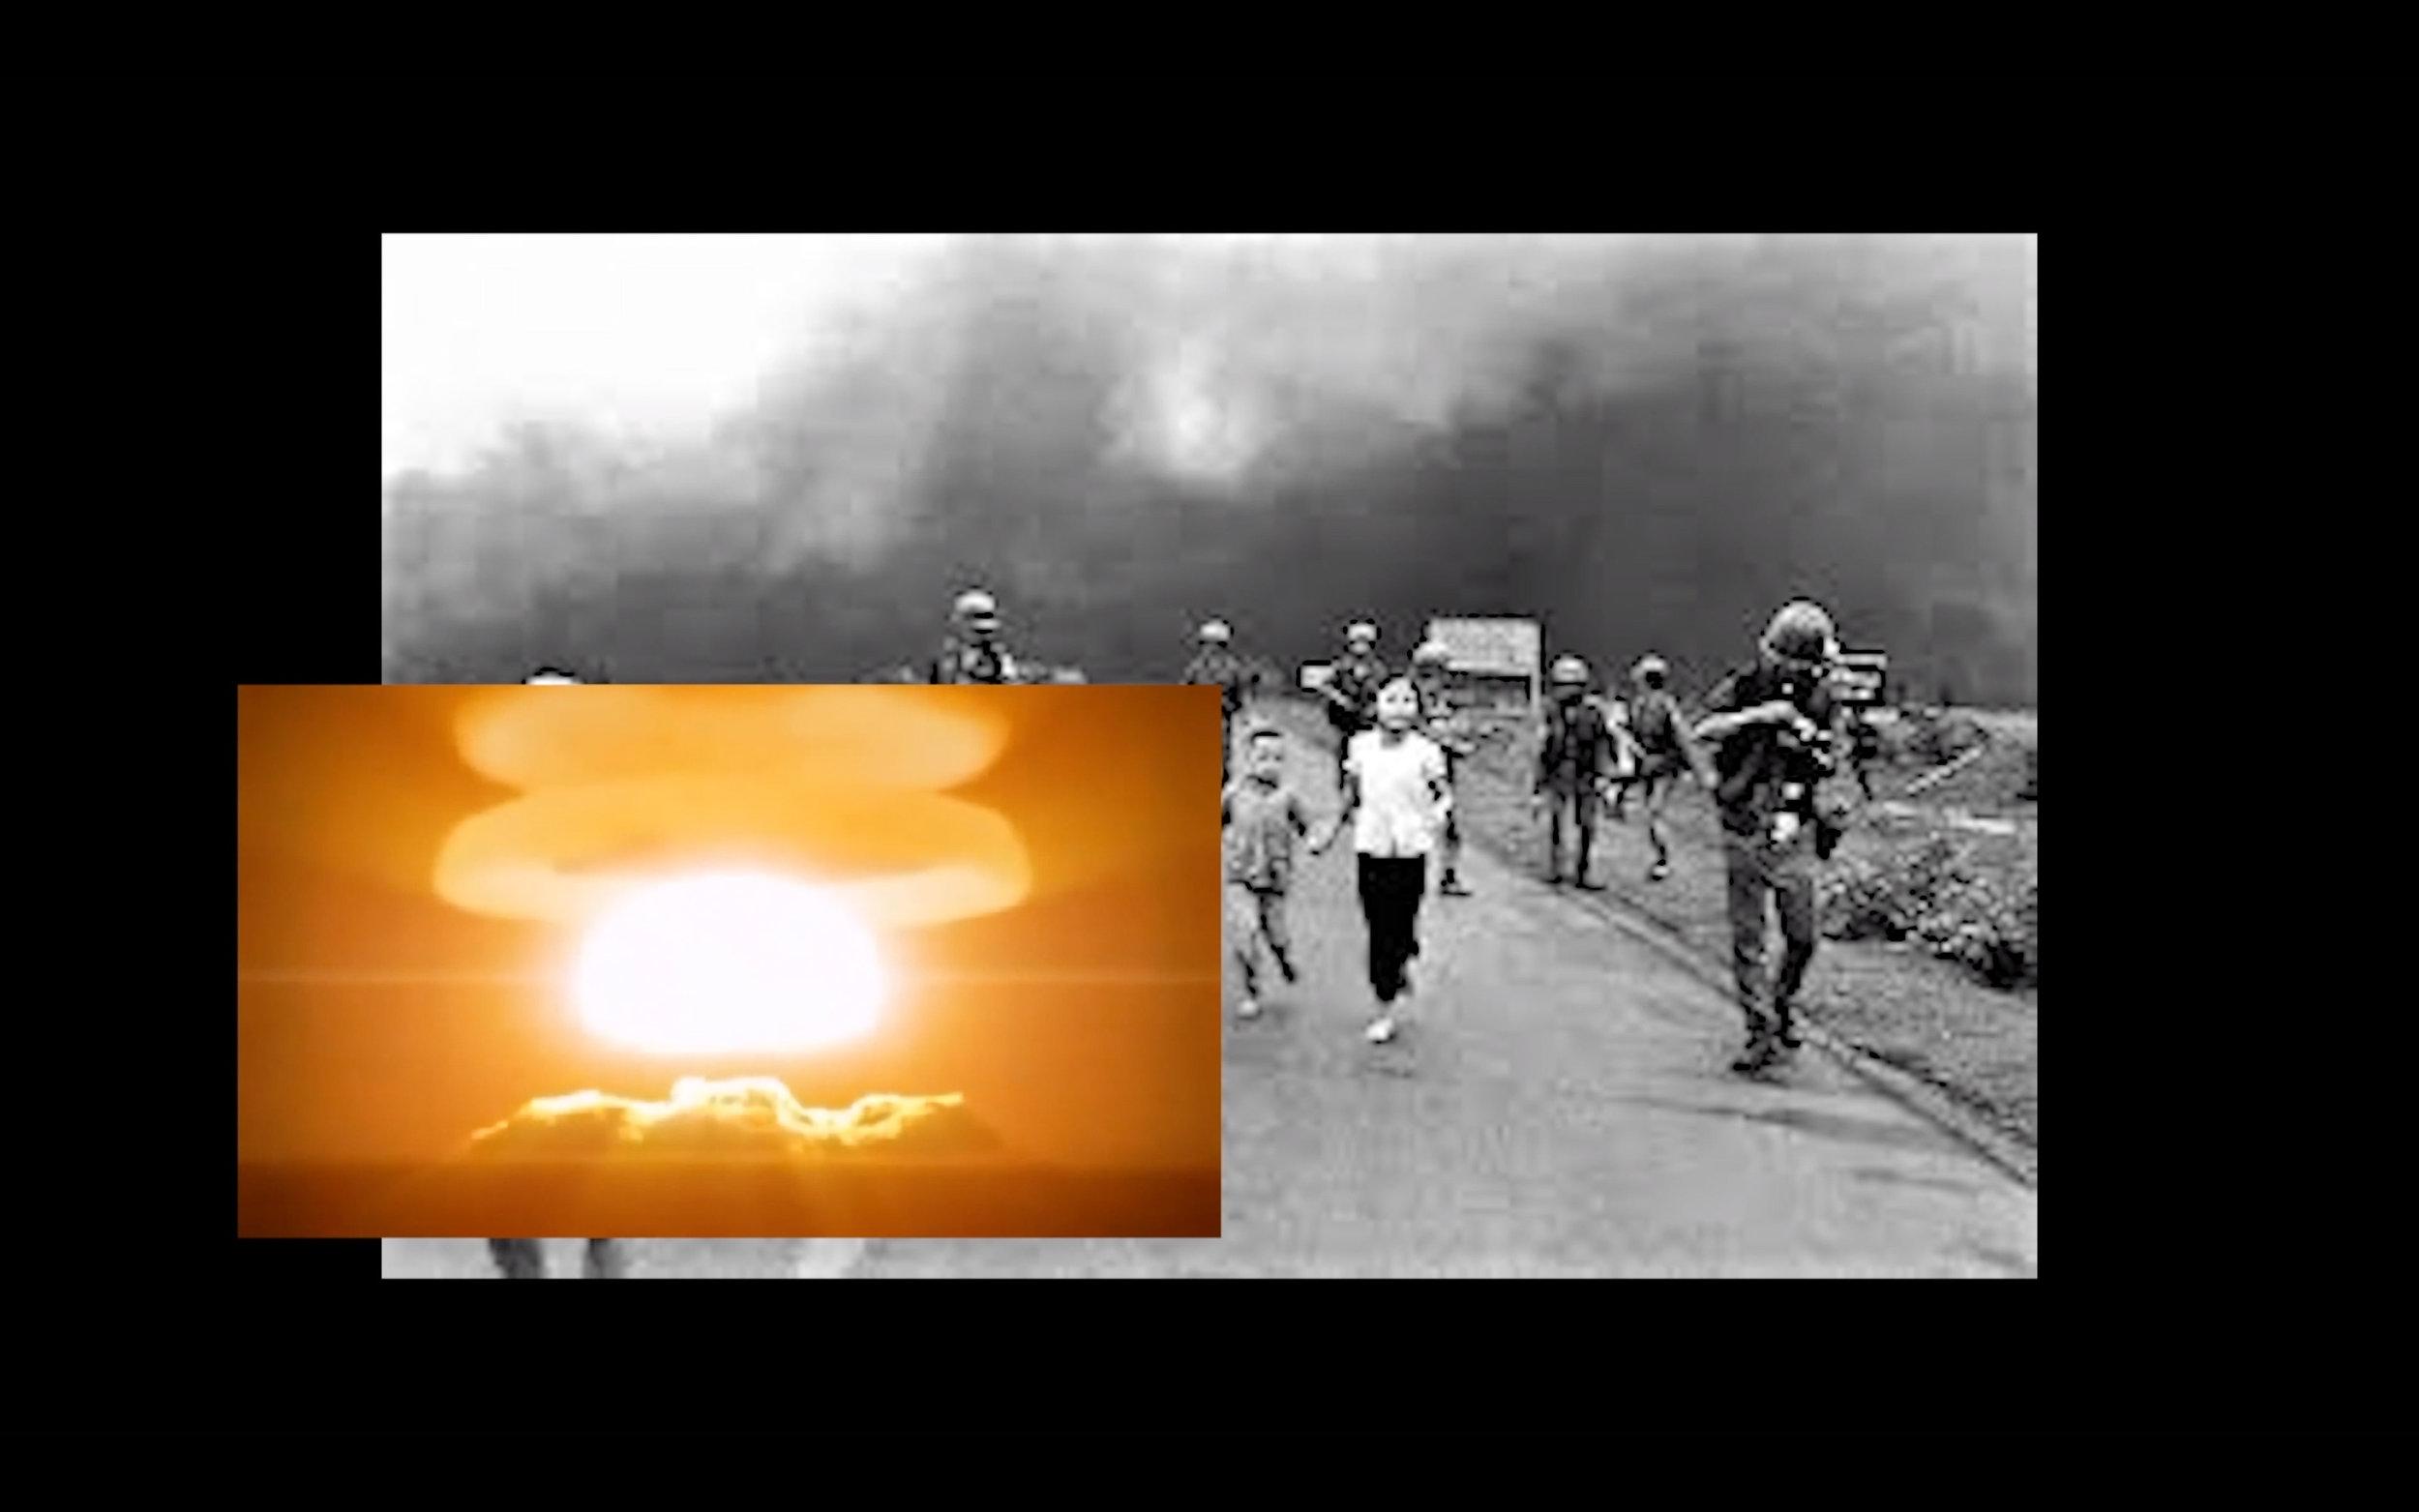 video still image